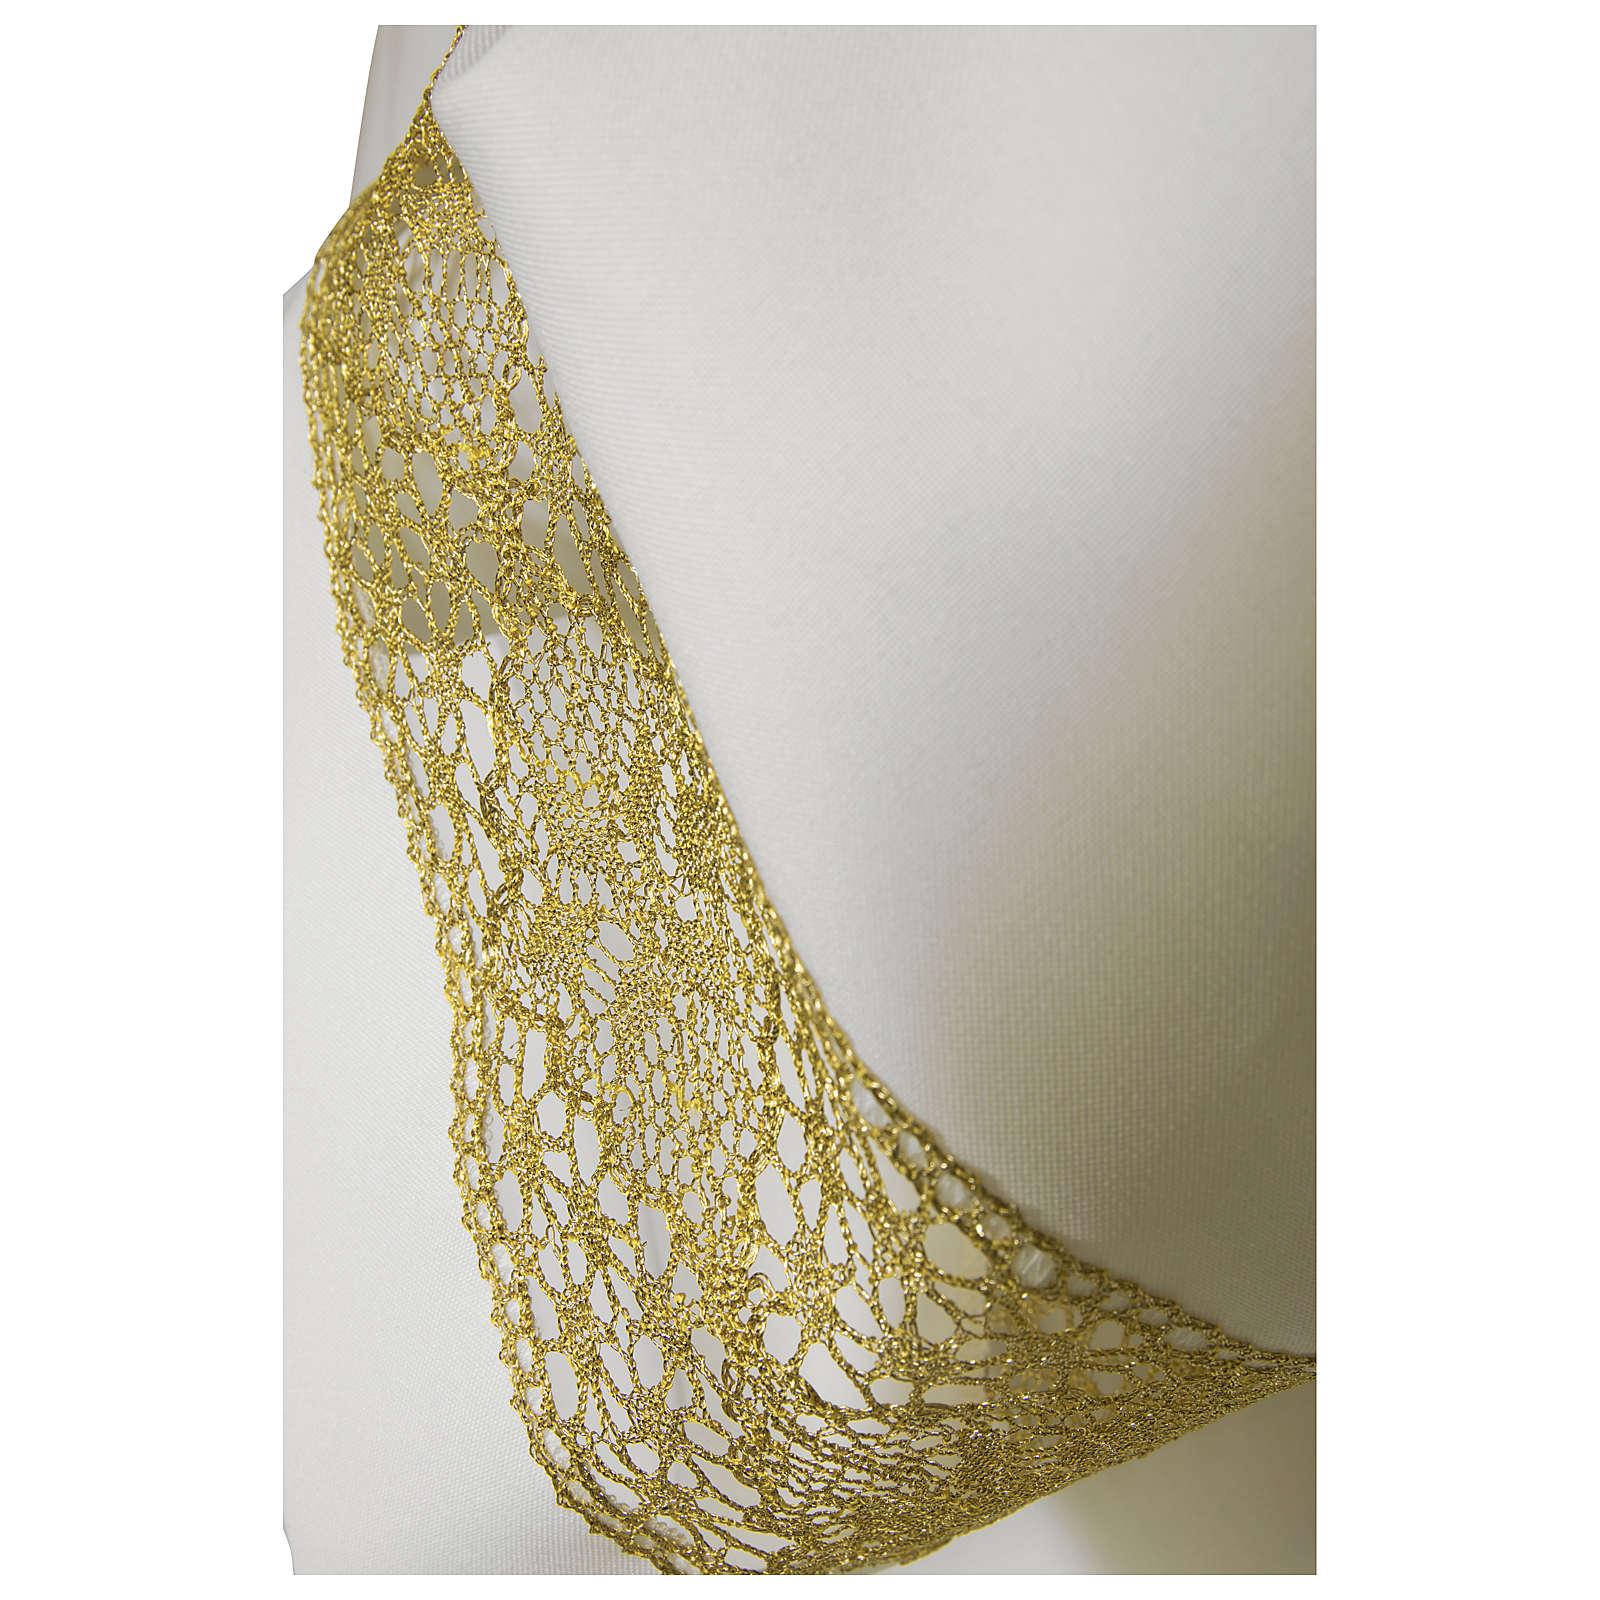 Camice bianco 65% poliestere 35% cotone tramezzo oro cerniera spalla 4